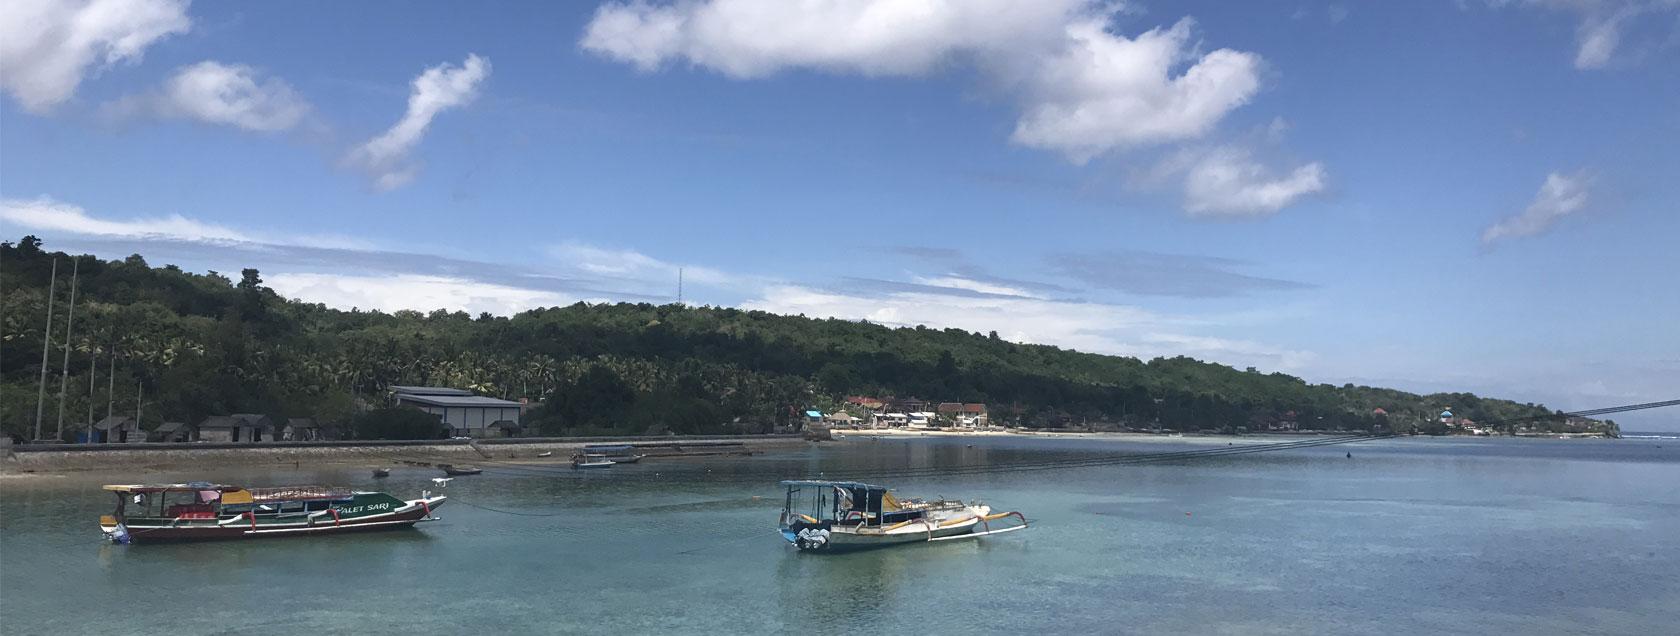 Ceningan Island - Lembongan Sightseeing